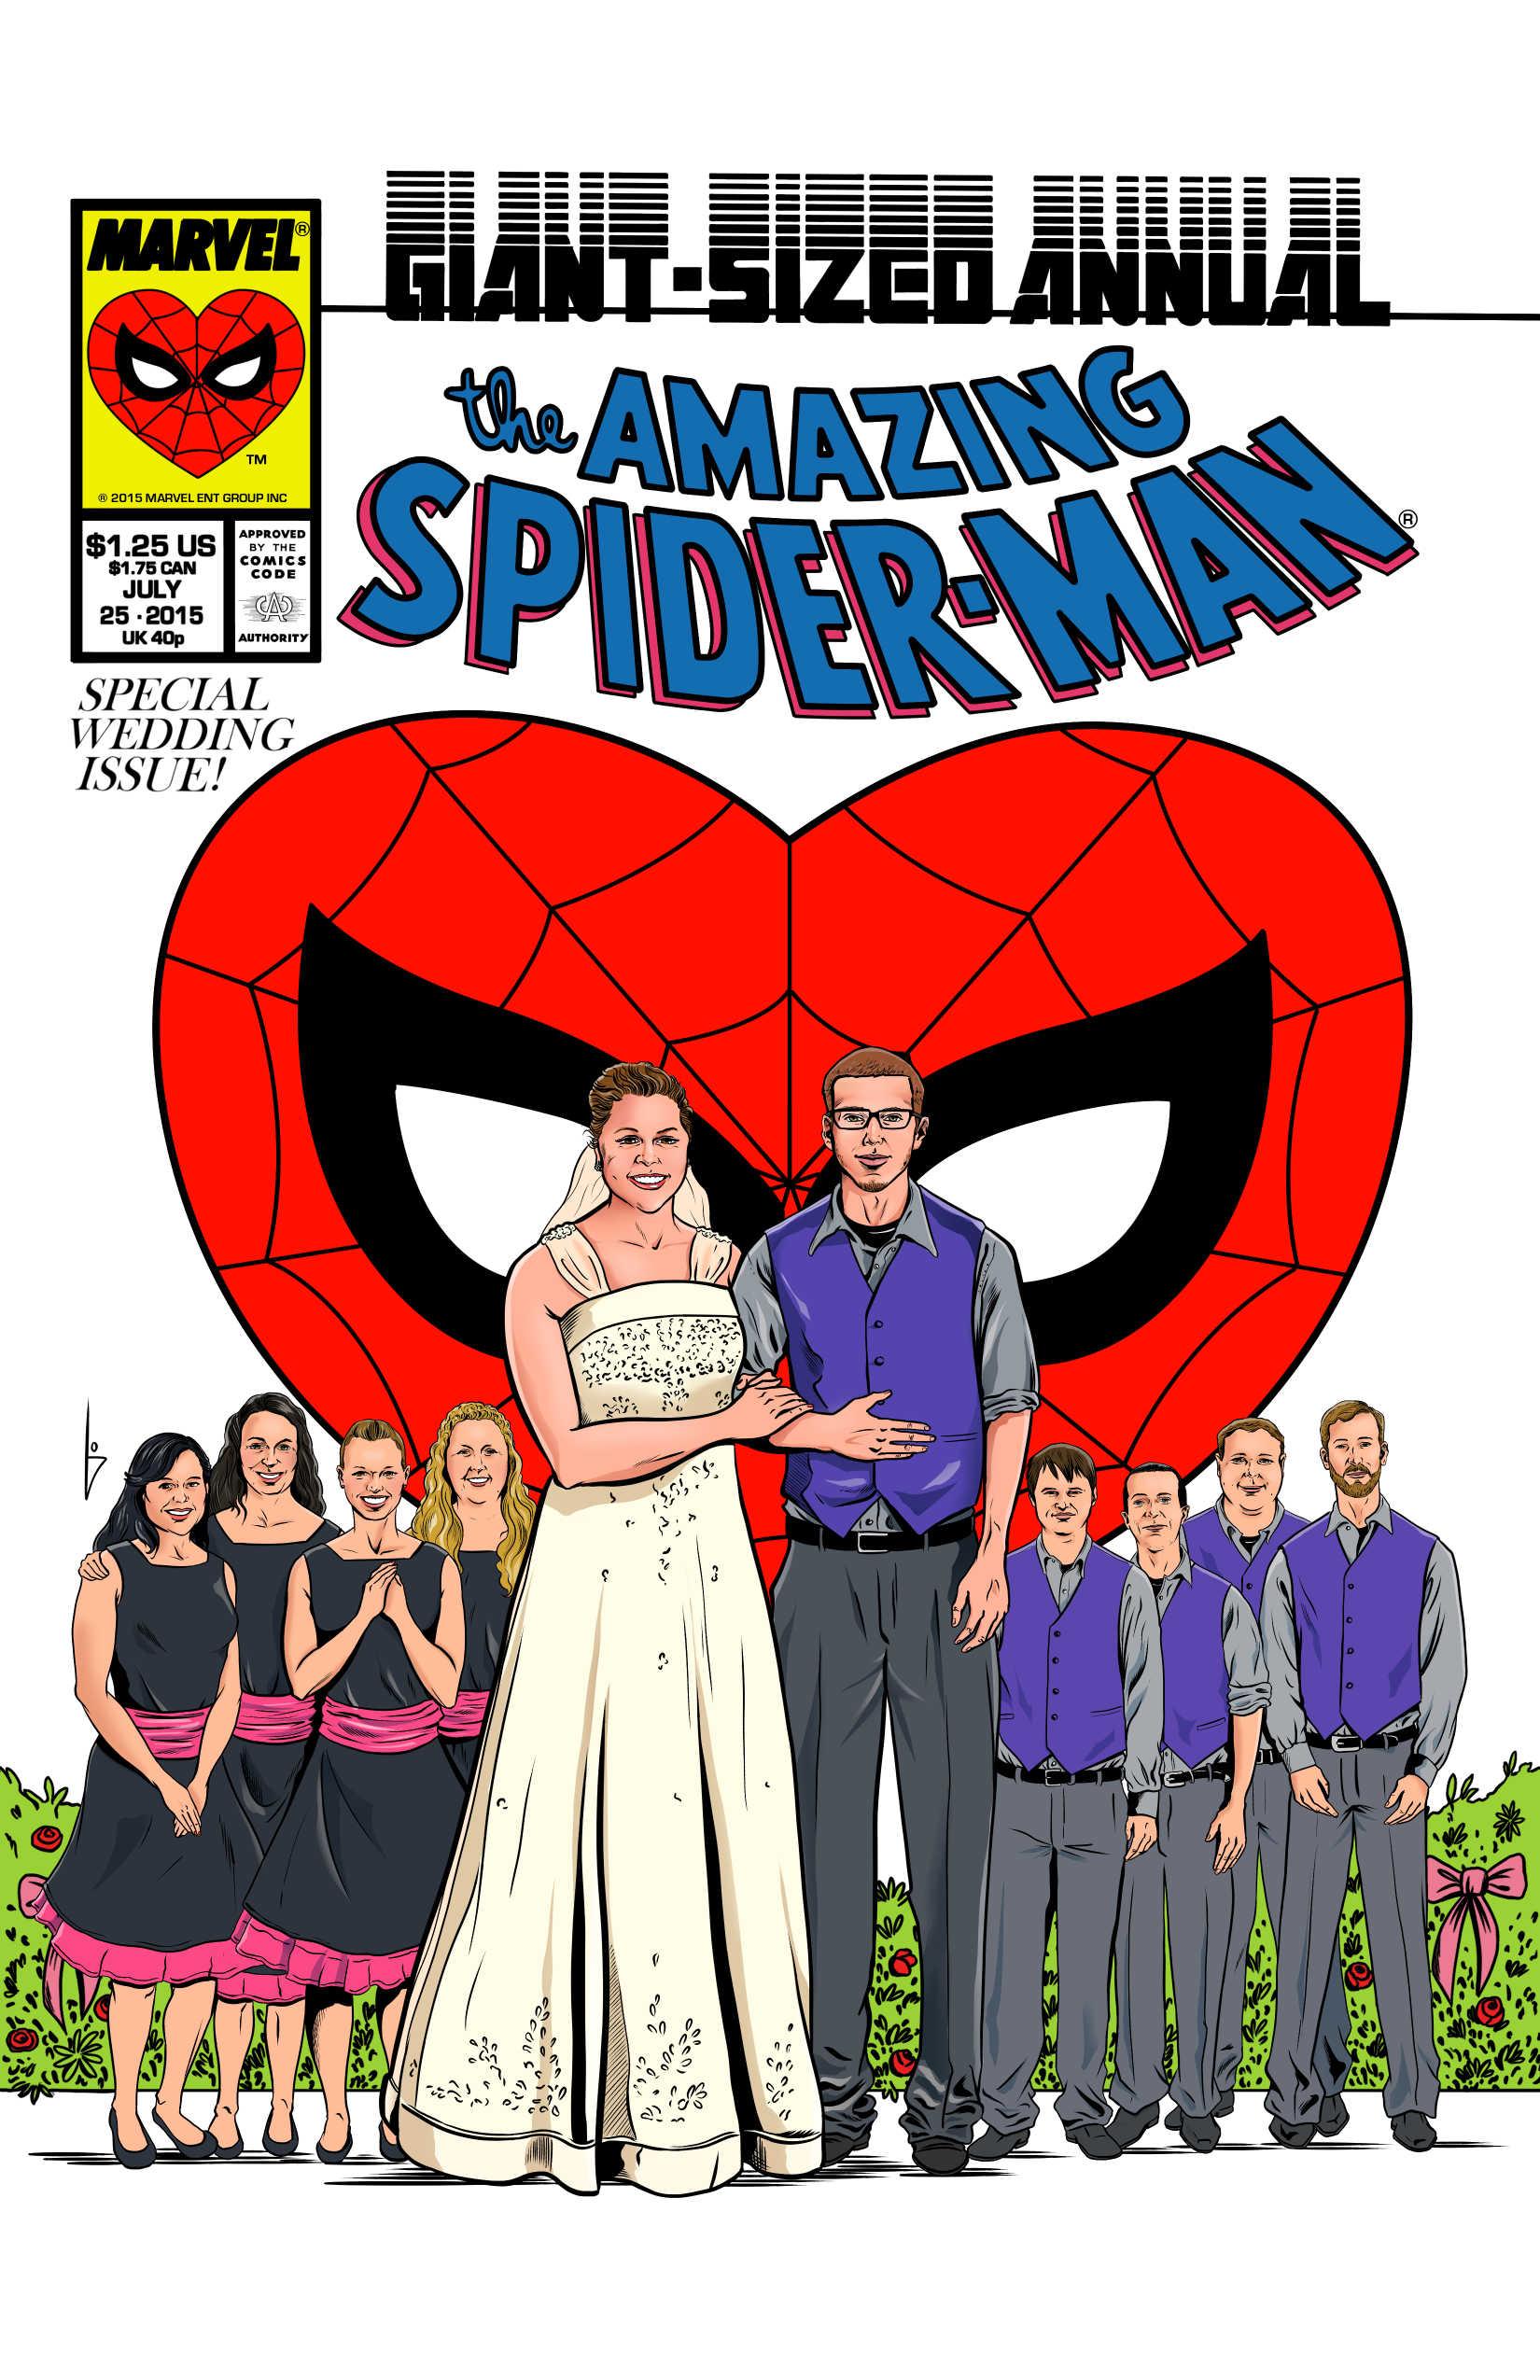 Wedding Cover M&D.jpg